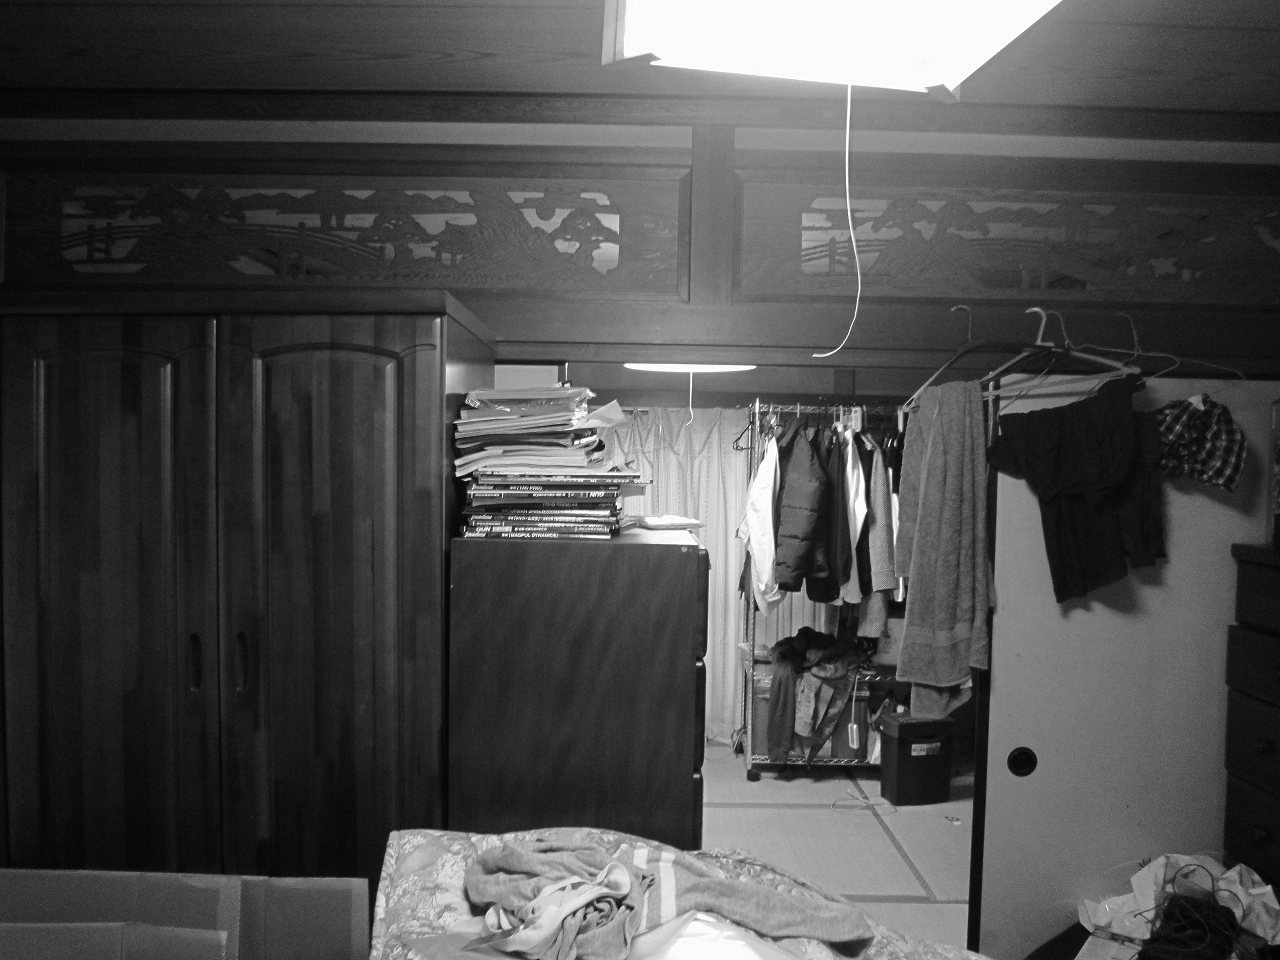 1階の和室は荷物や部屋干しの洗濯物などがあふれる物置のような状態でした。